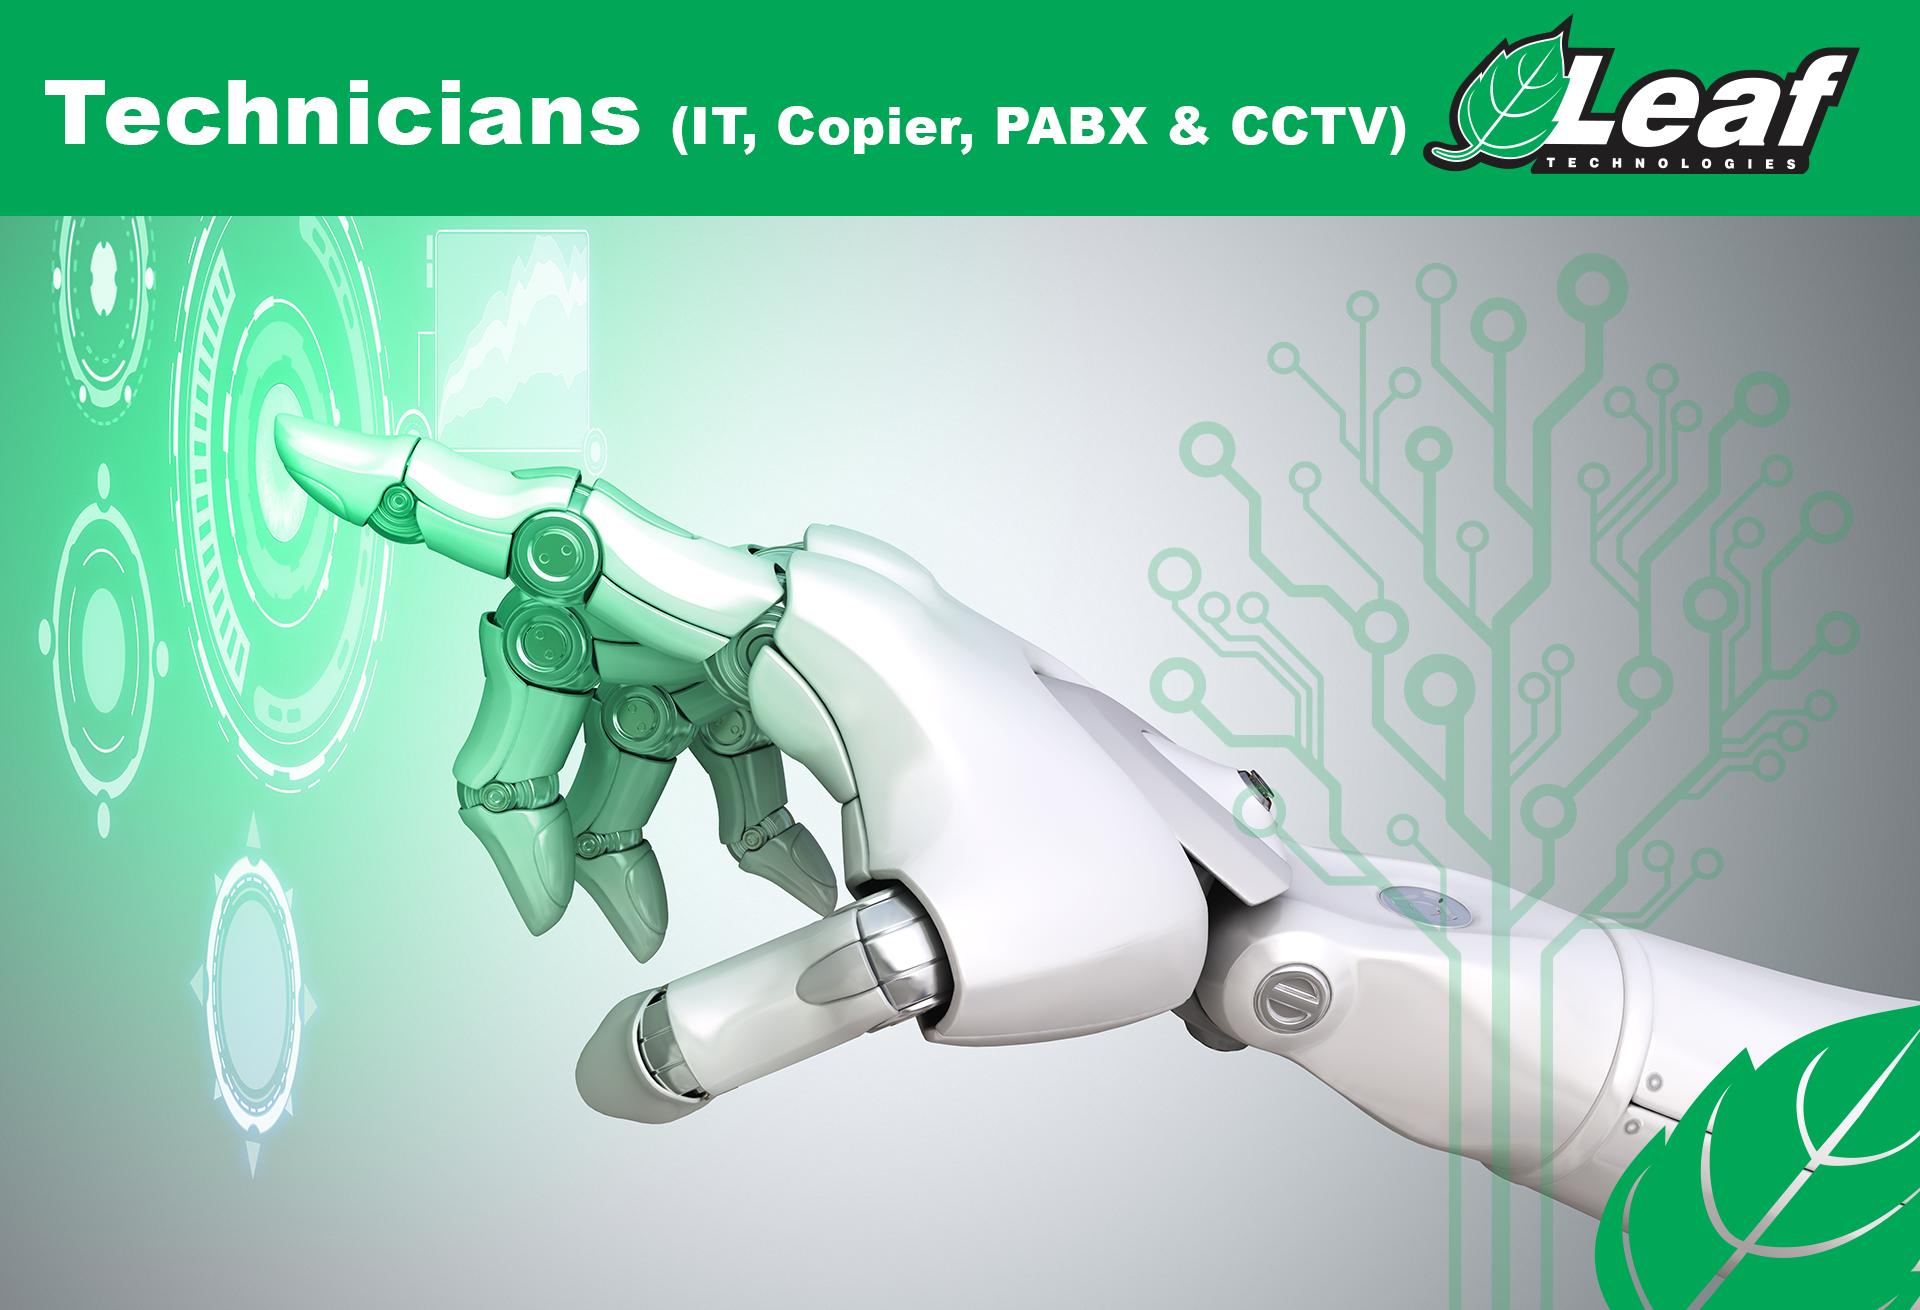 Technicians (IT, Copier, PABX & CCTV).